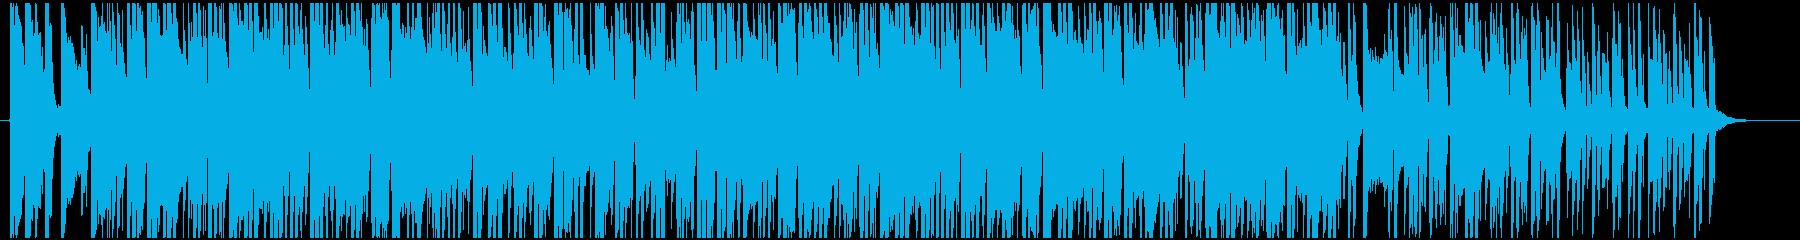 爽やかで軽快なボサノヴァの再生済みの波形